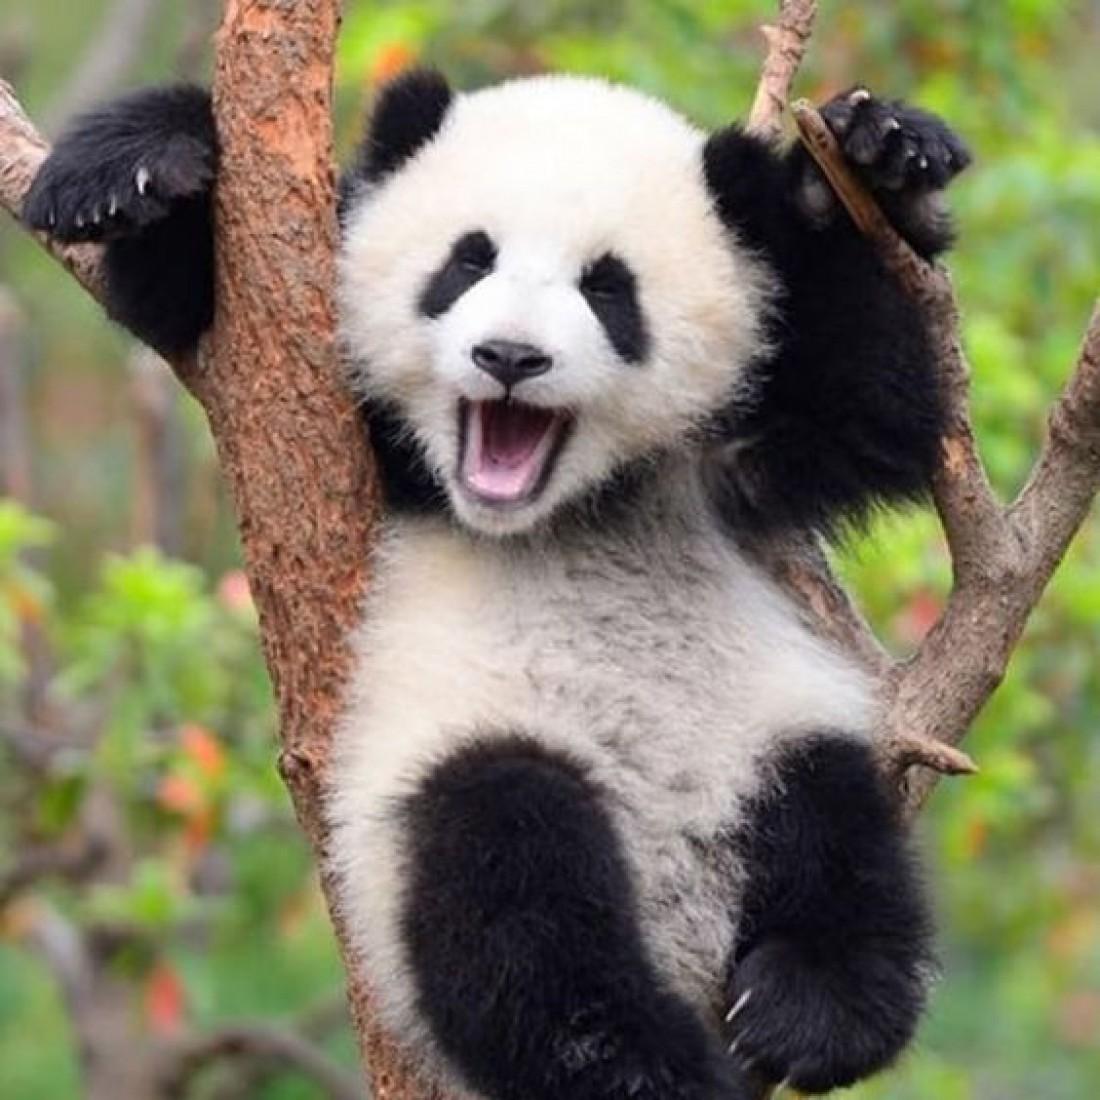 ТОП-7 самых милых животных мира